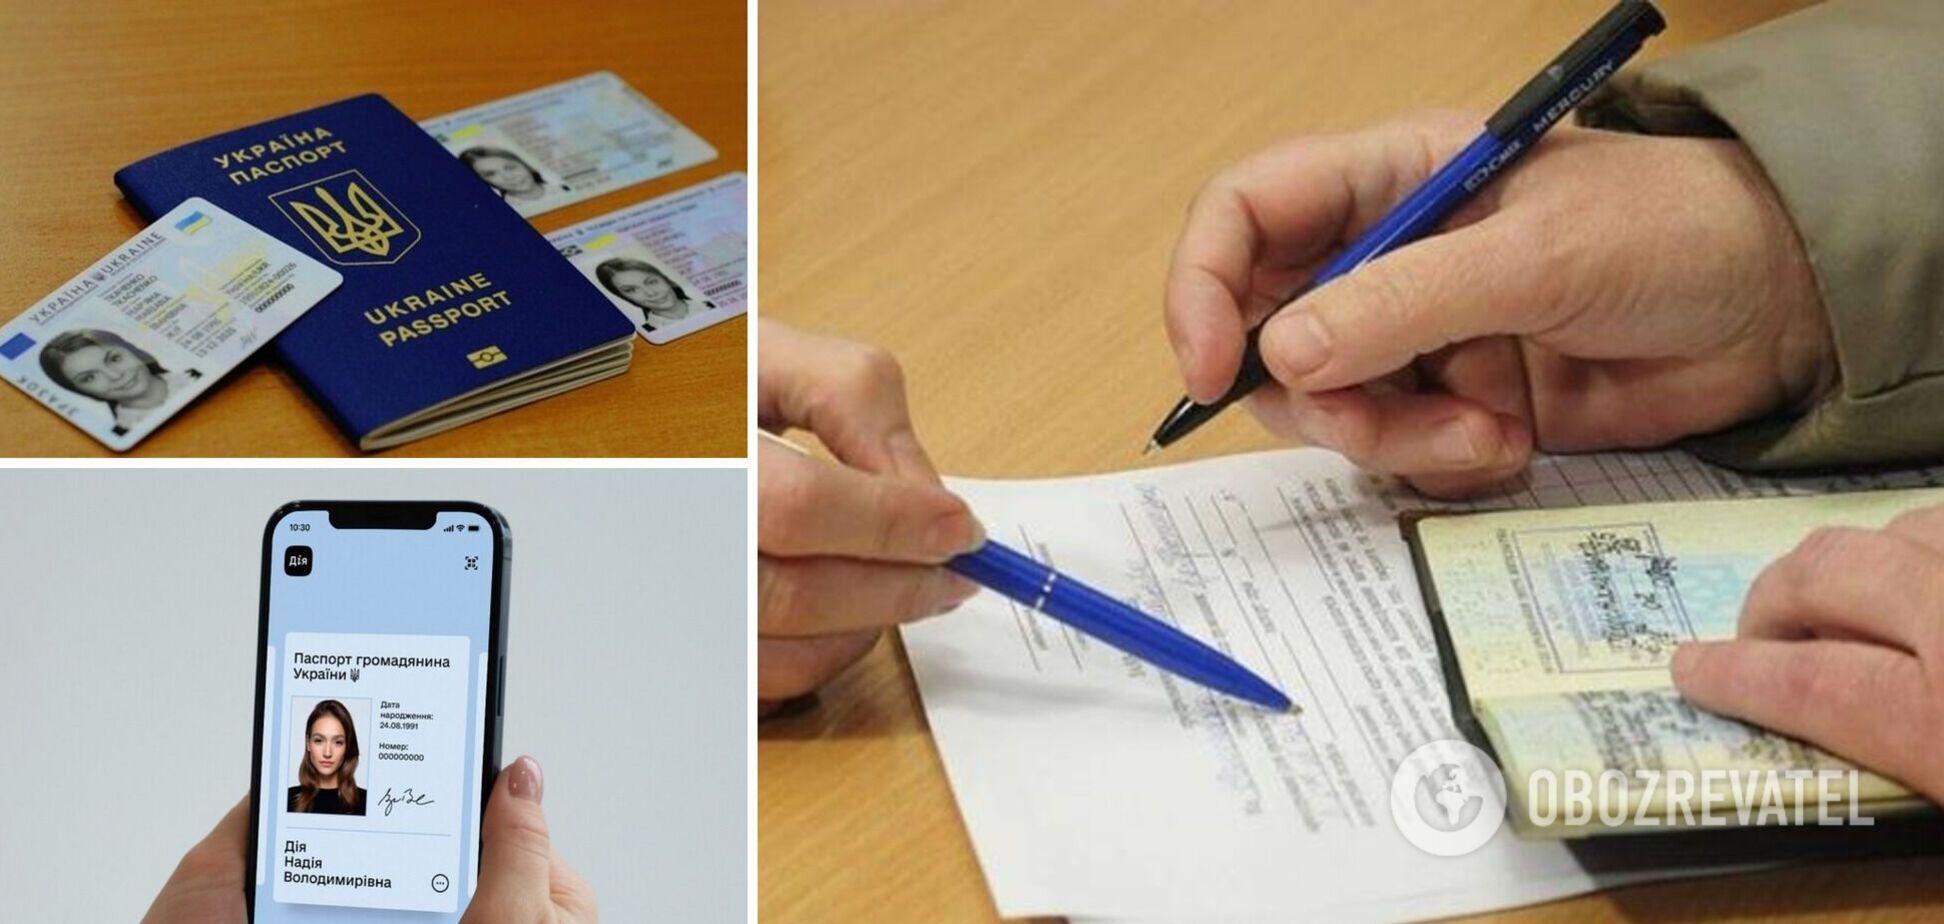 Українців залишать без прописки в паспорті: що і навіщо пропонують змінити в Кабміні